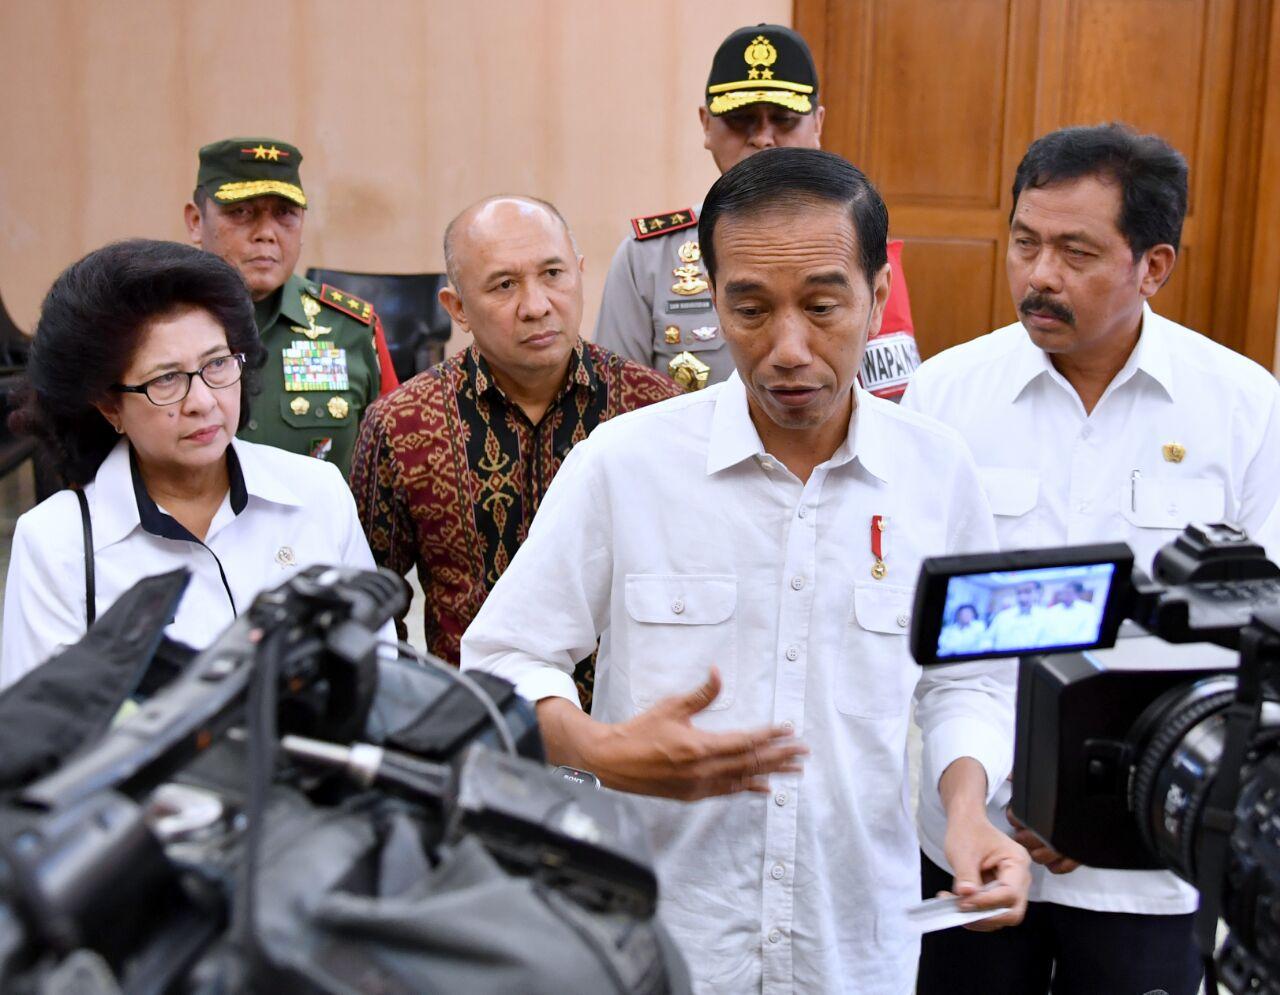 Presiden Jokowi memberikan pernyataan terkait aksi teror di London, saat singgah di Bandara Hang Nadim, Batam, Kamis (23/3) pagi. (Foto: Laily?Setpres)